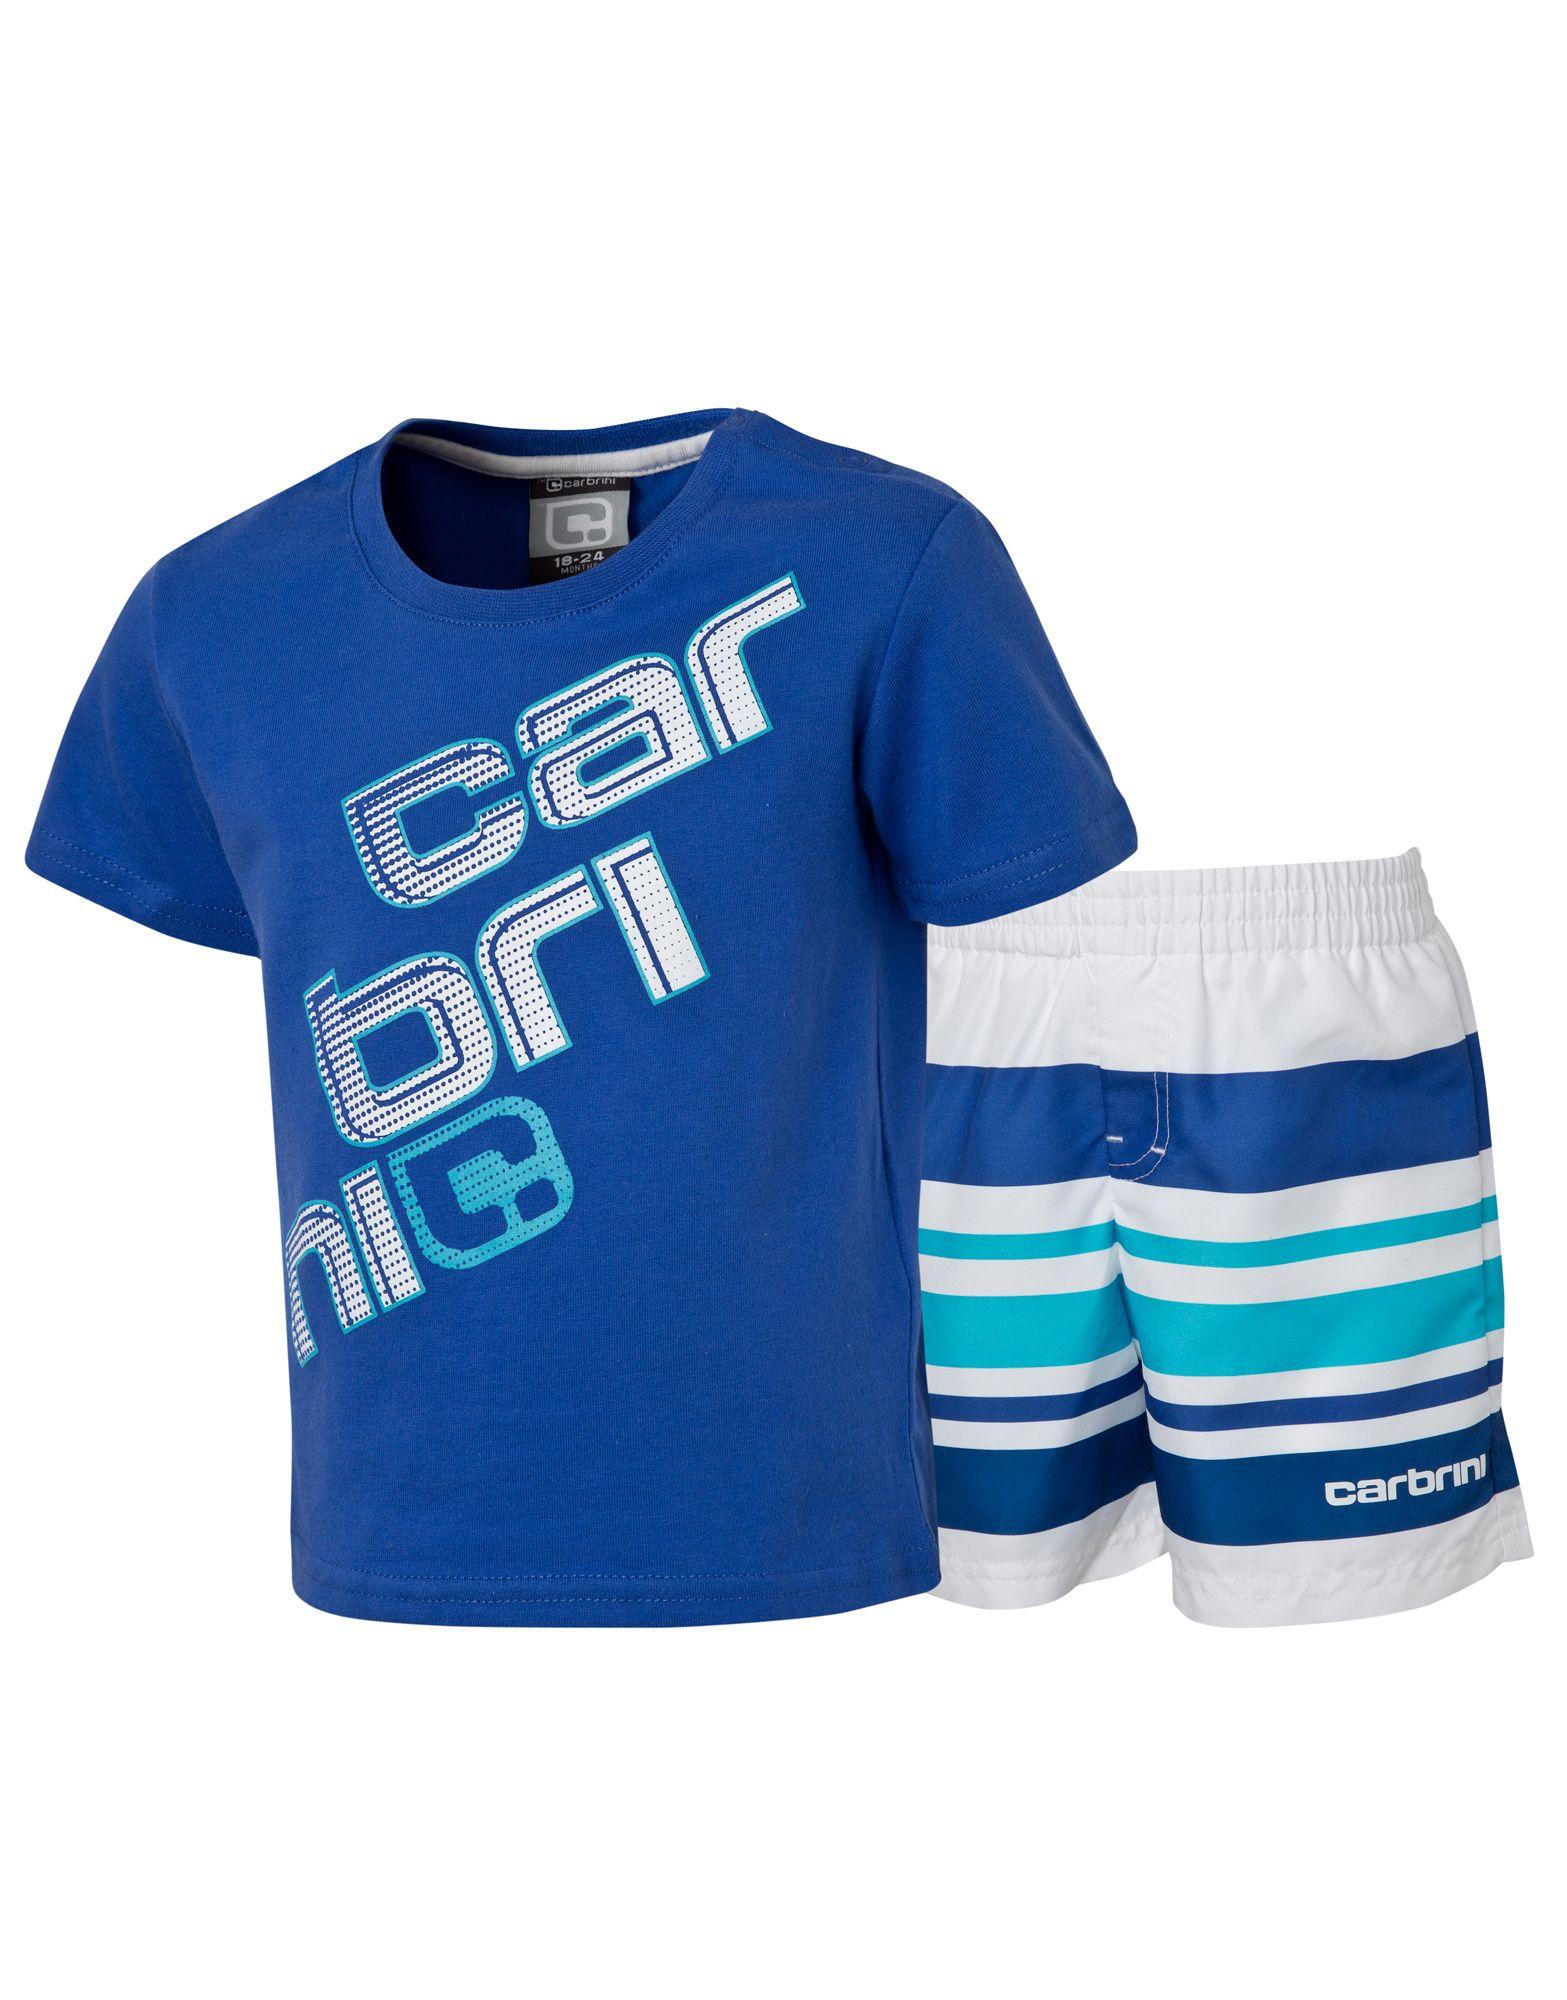 Carbrini Kicker T- Shirt Set Infants